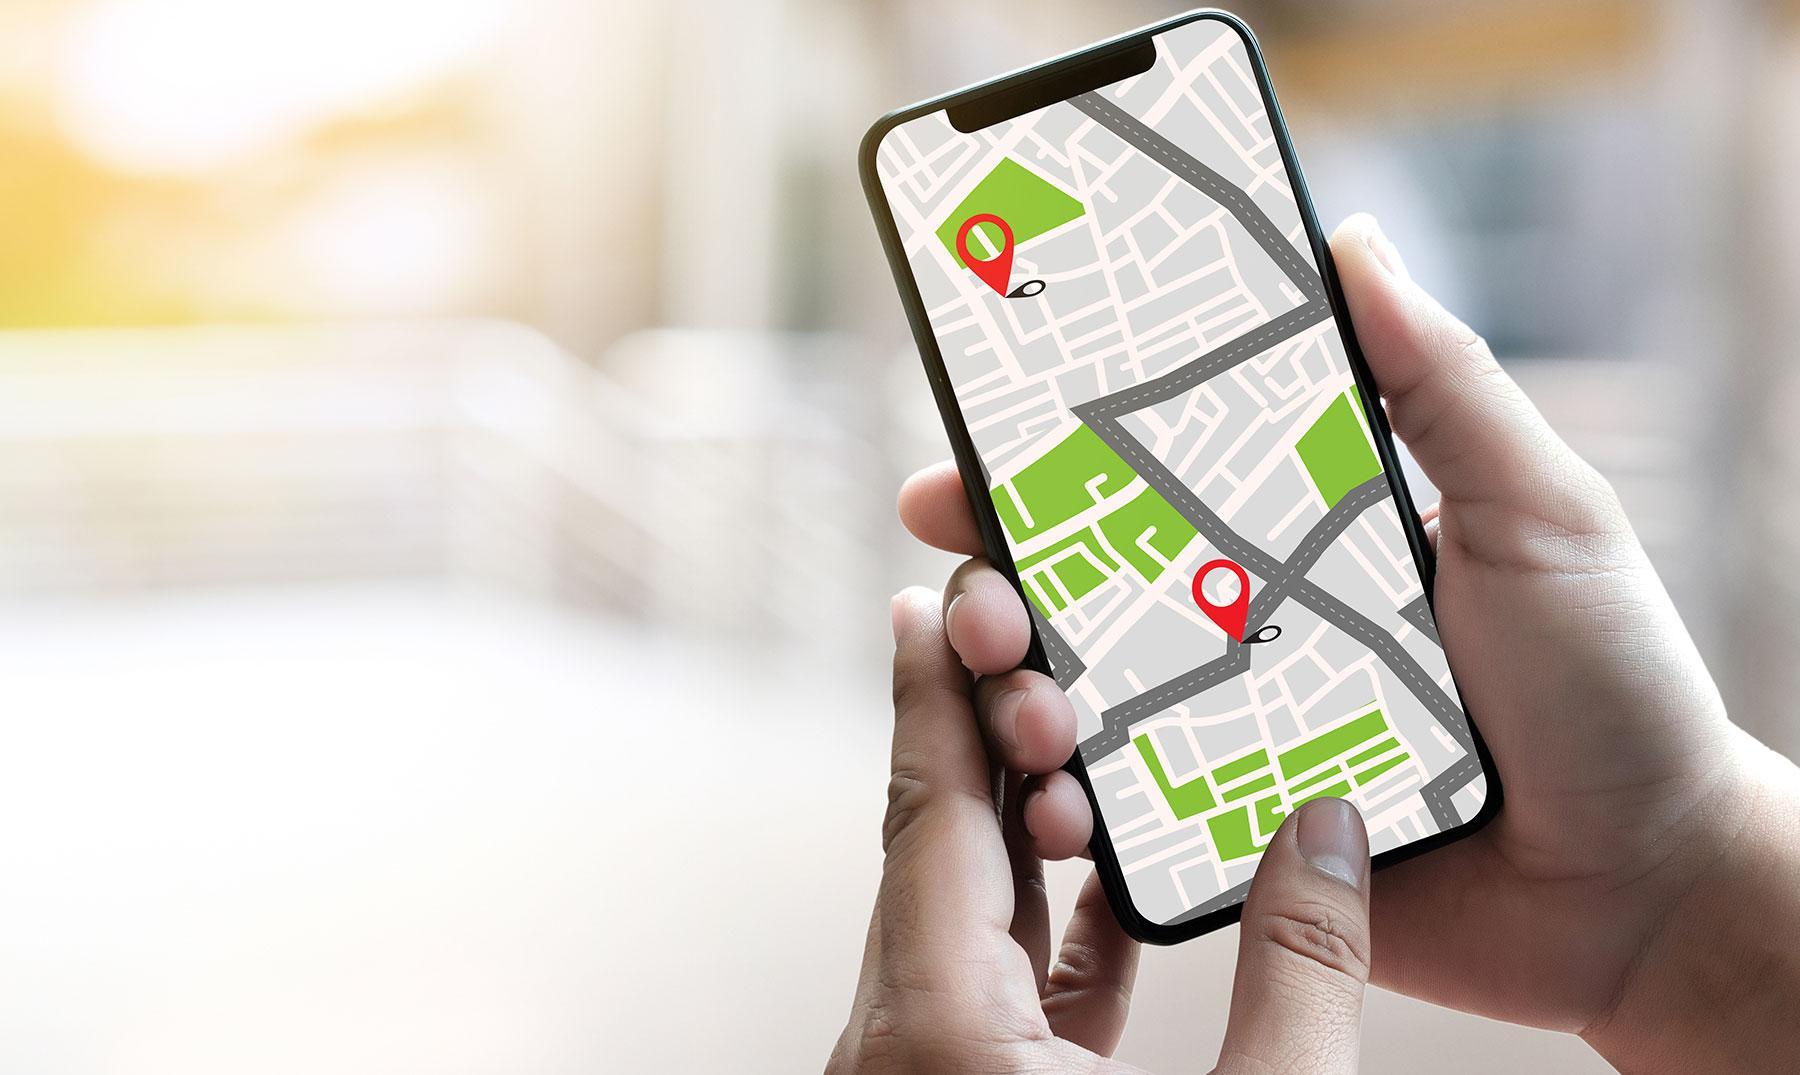 Apple admite que el iPhone 11 Pro recopila datos de ubicación sin nuestro permiso